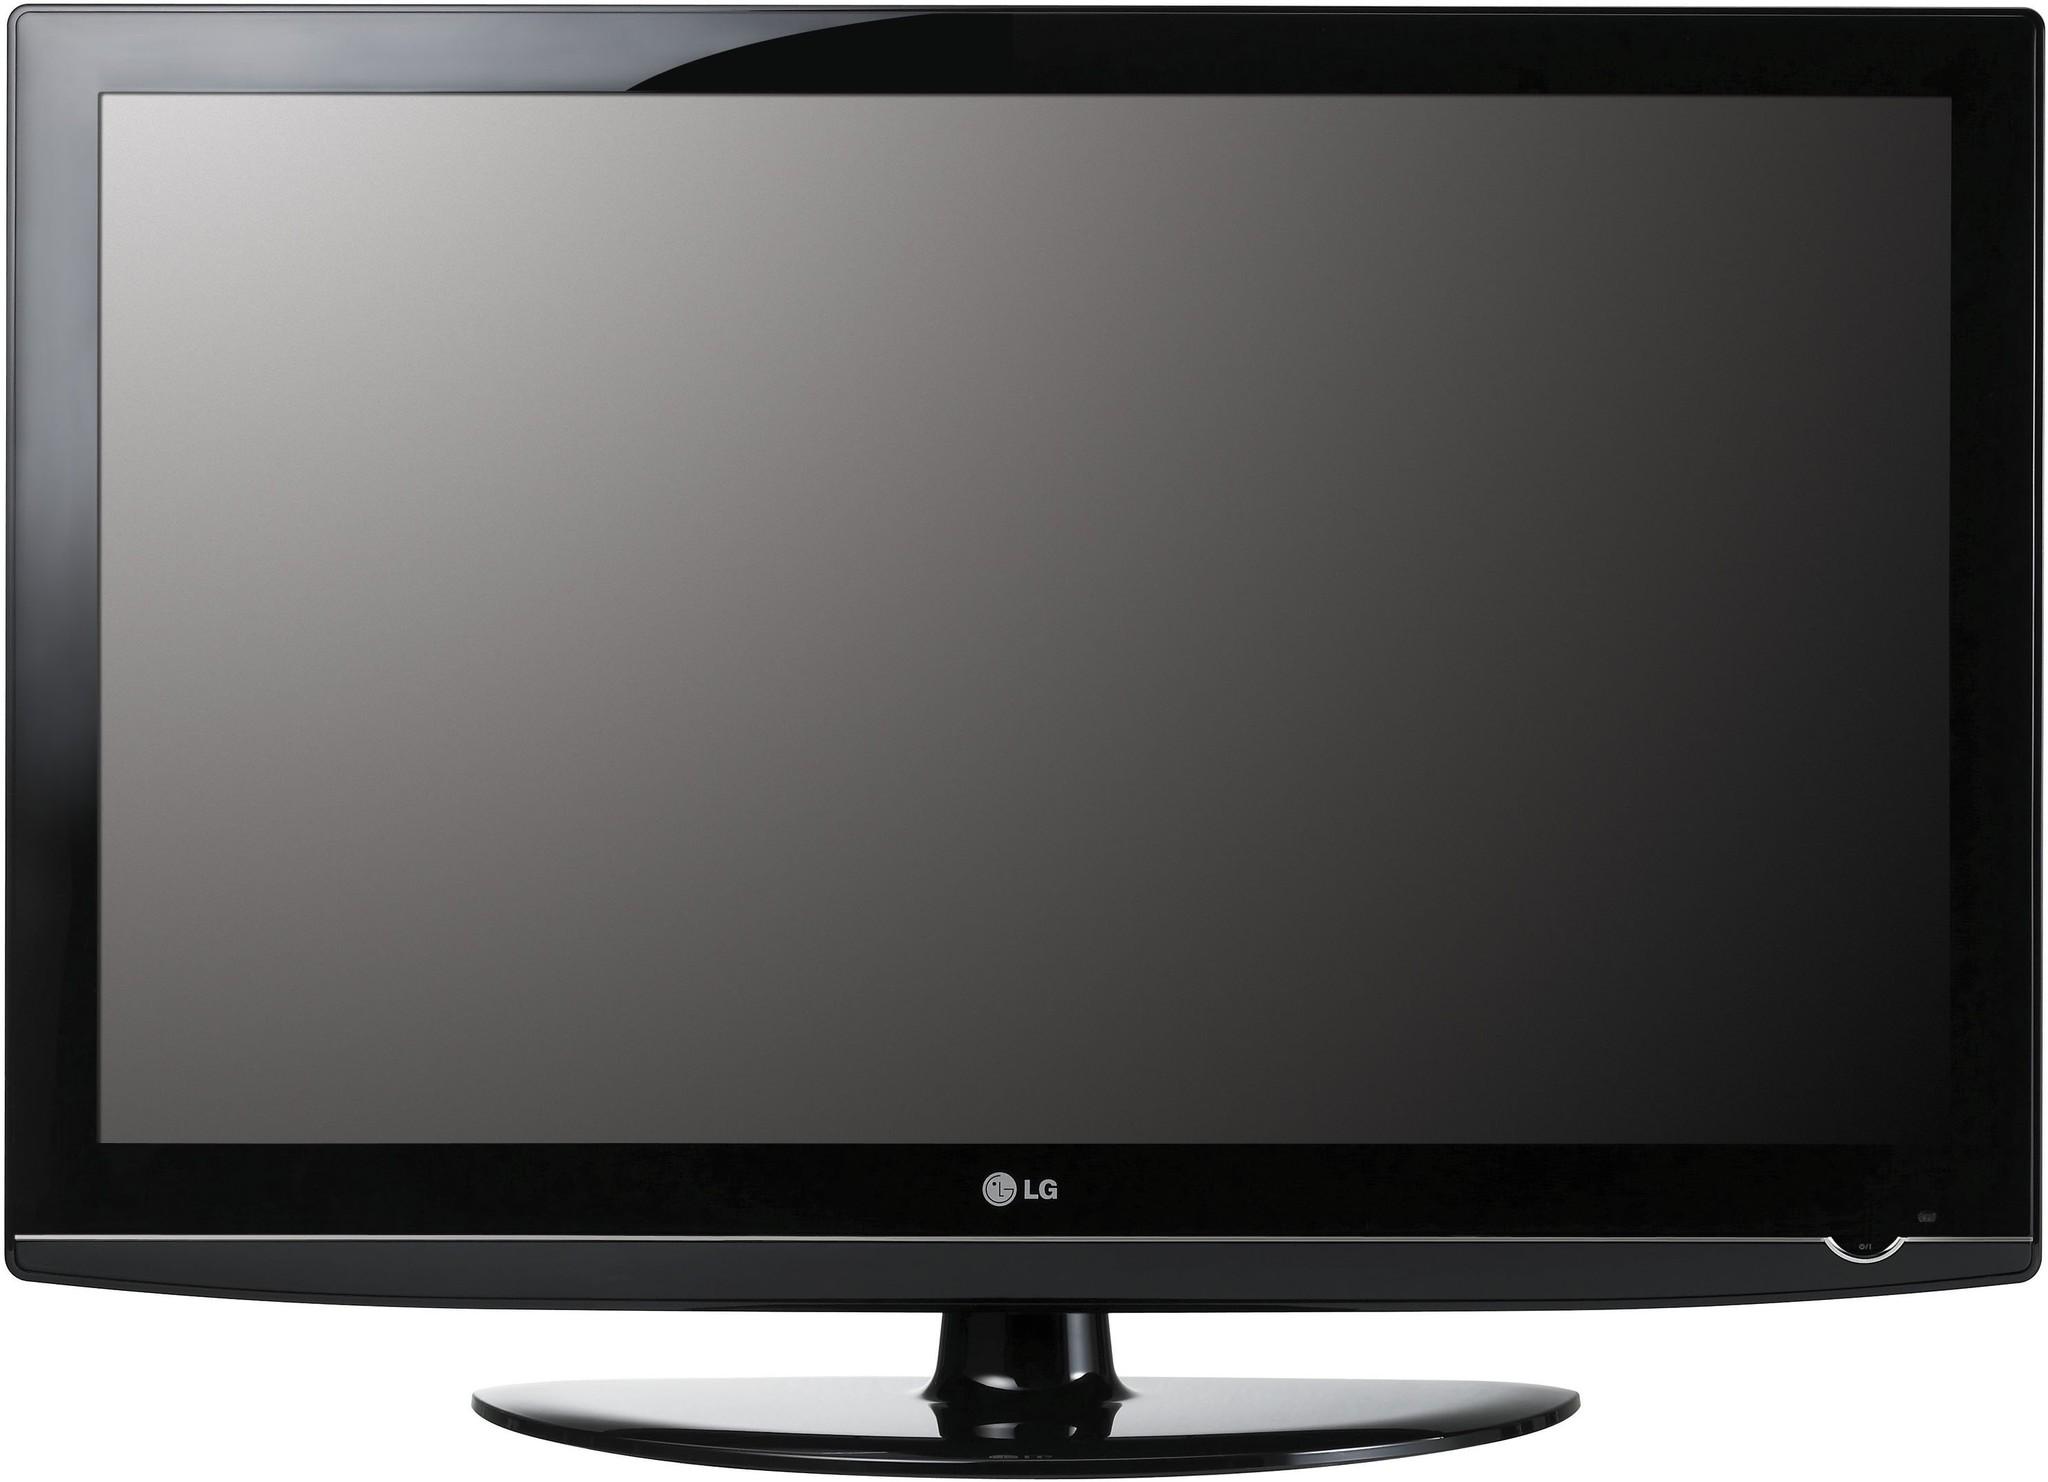 5c6ef3911 LG 42LG5000 oprava - Úvodní představení, rozborka | Diit.cz